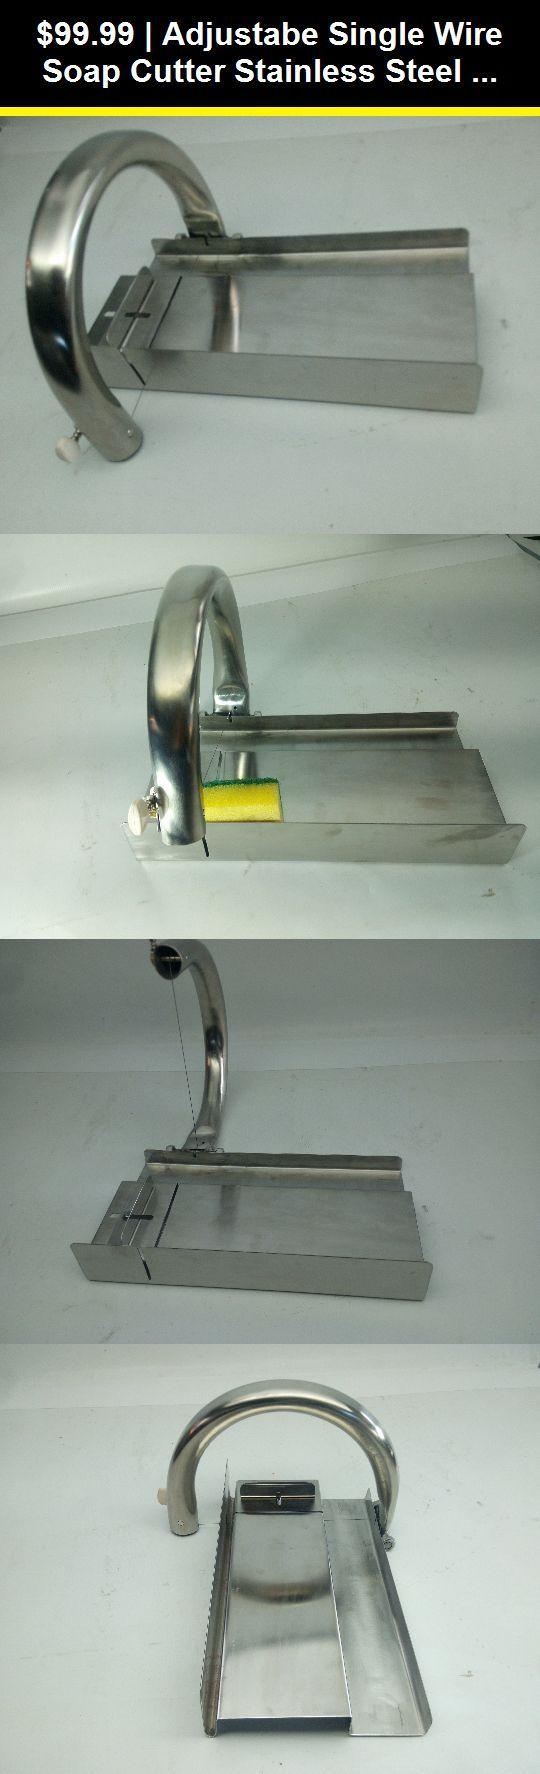 Werkzeuge Zur Herstellung Von Kerzen Und Seifen 183674 Adjustabe